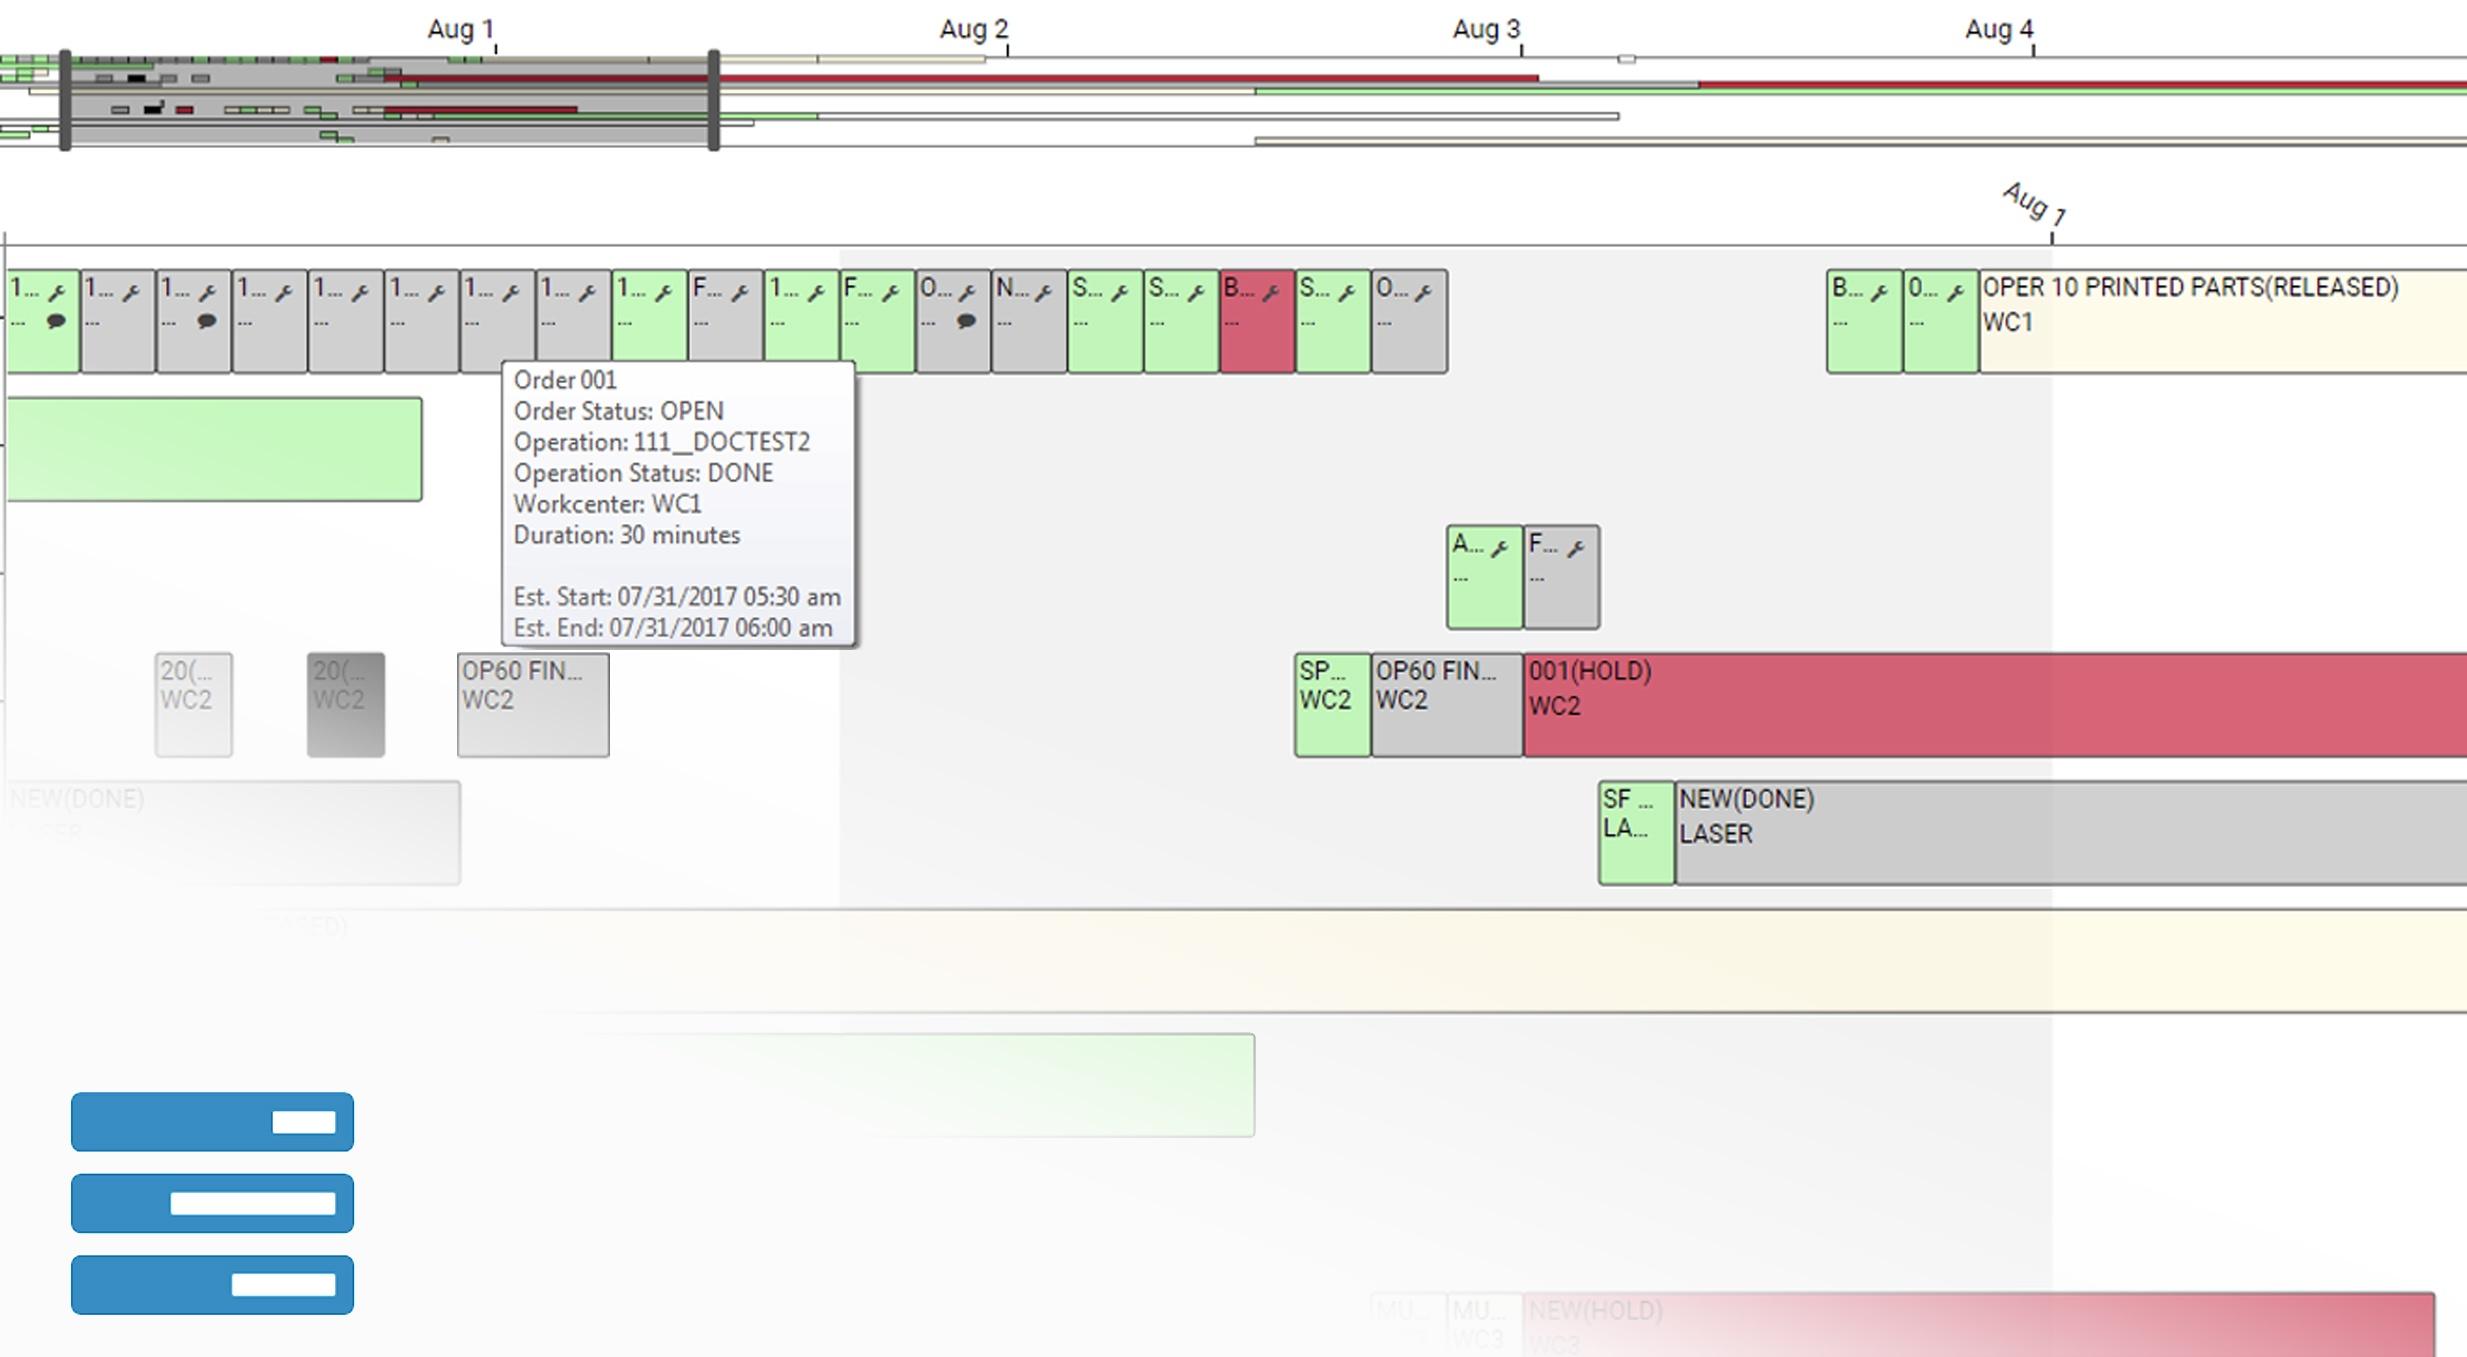 Finite Manufacturing Scheduler